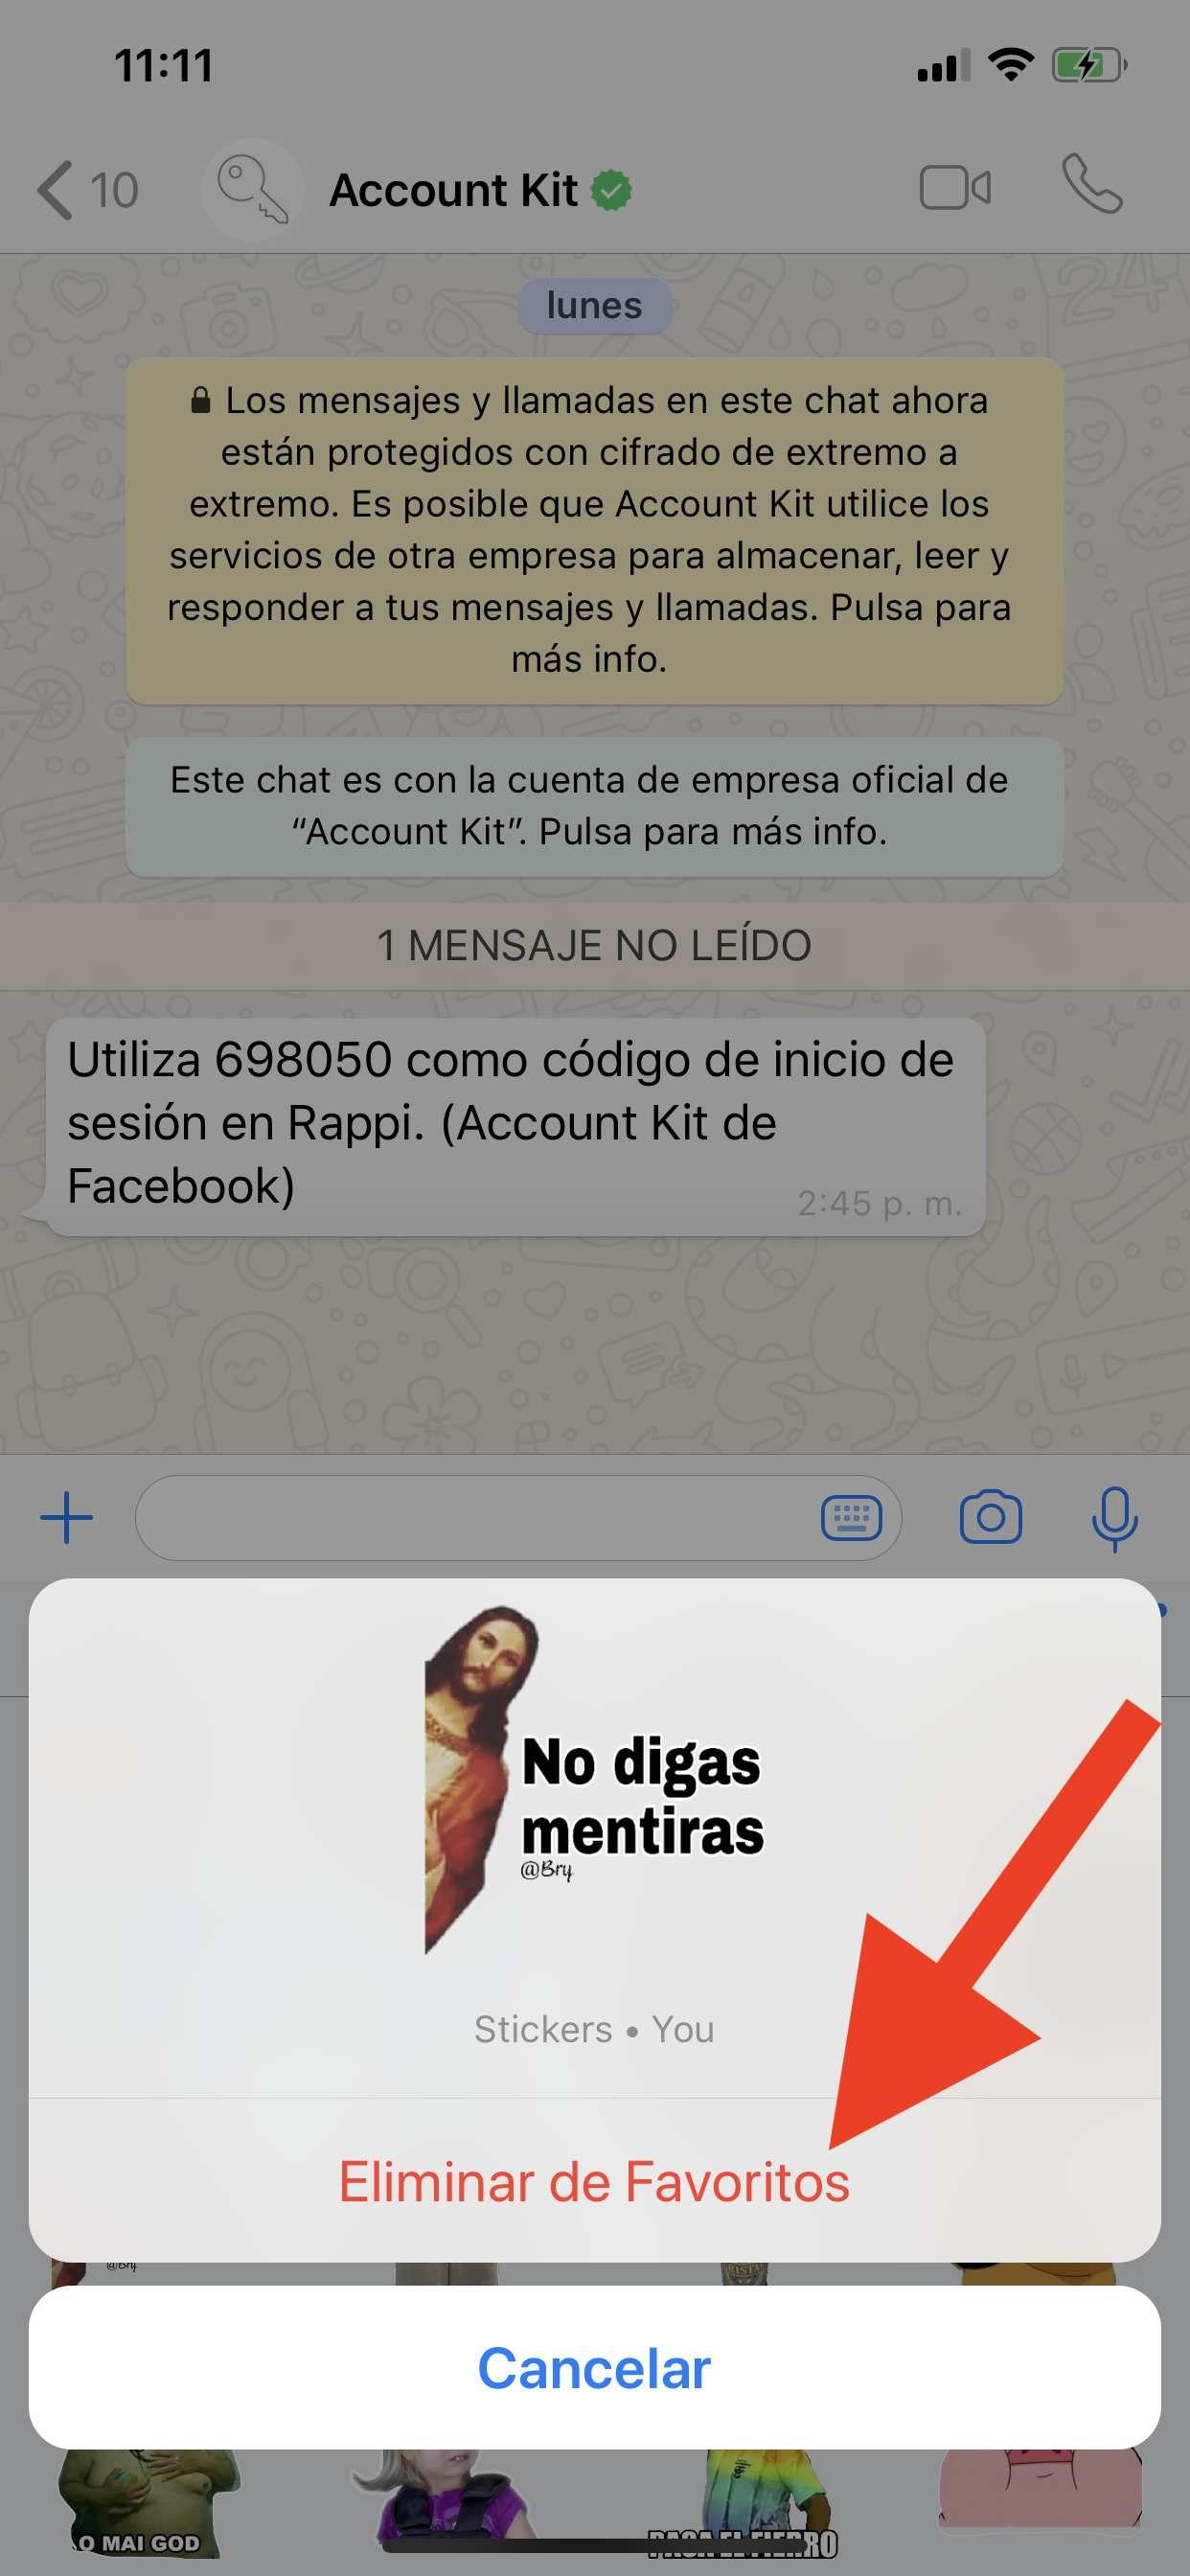 Como Eliminar Stickers De Whatsapp Franco Escamilla Juegos De Gemelos Gracioso